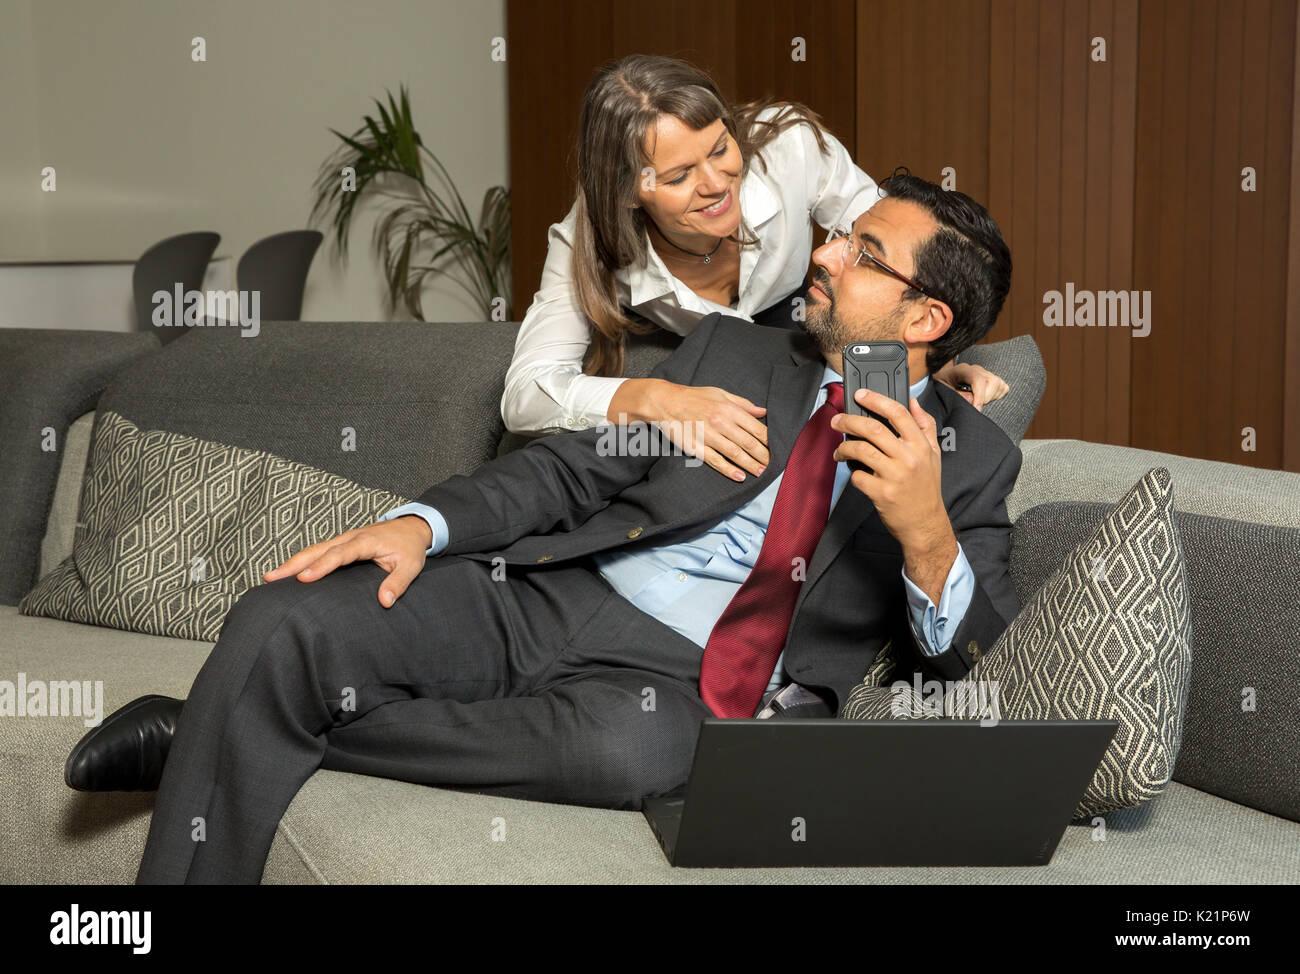 Flirten arbeitskollege image 3